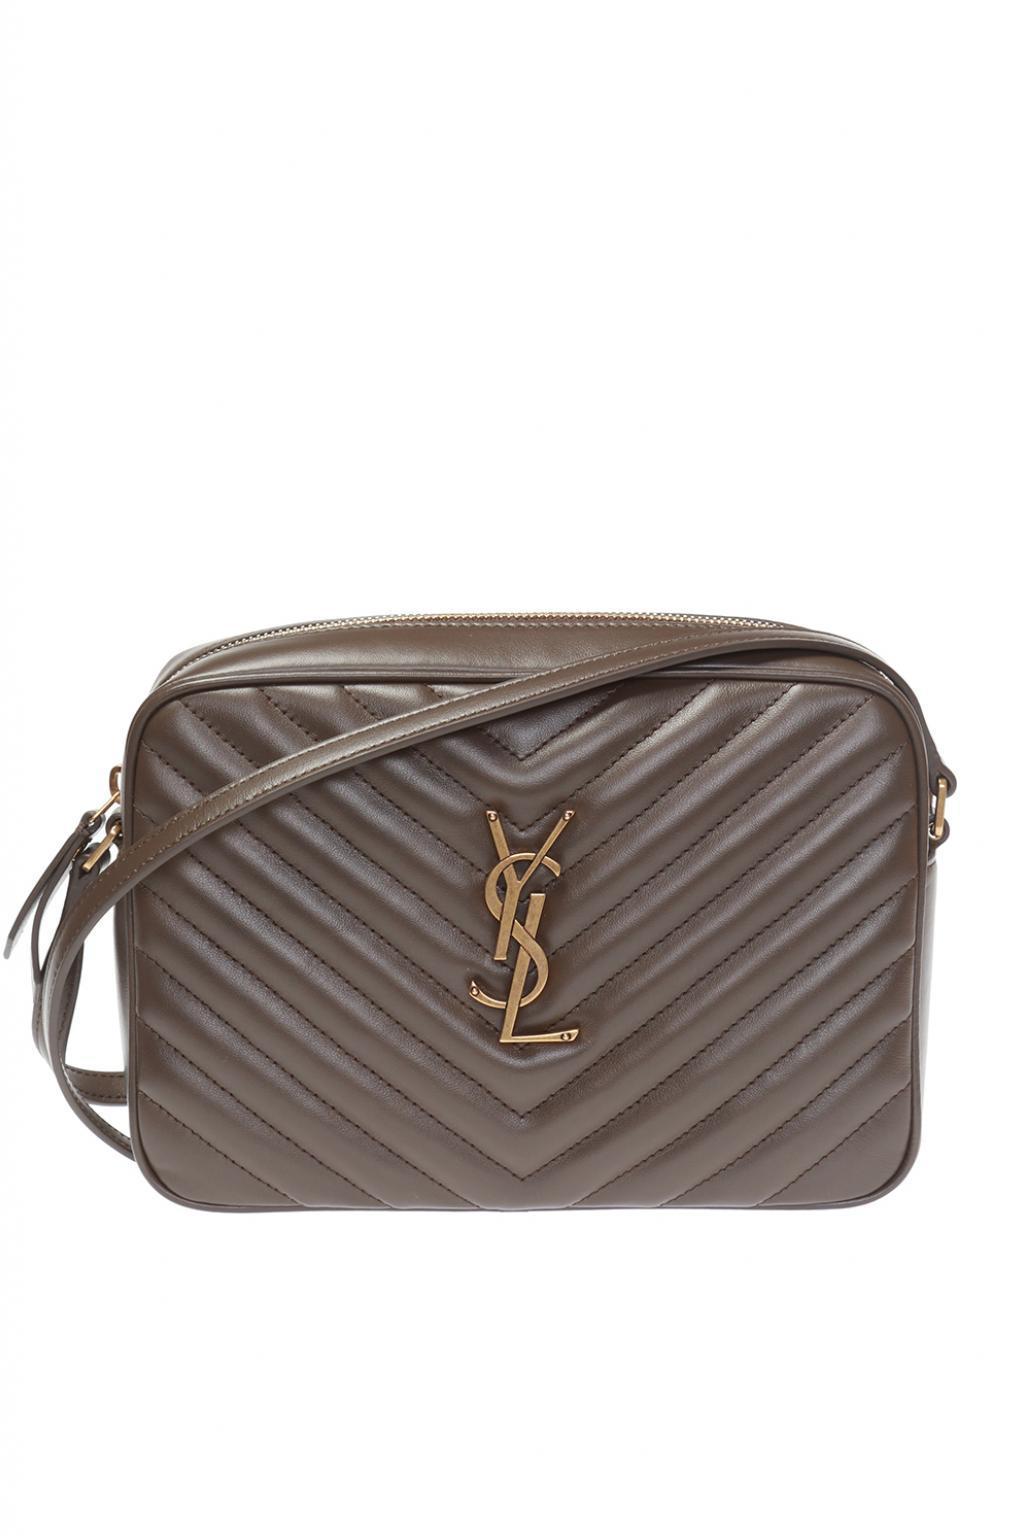 Lyst - Saint Laurent  low  Shoulder Bag in Brown 8787e9228d